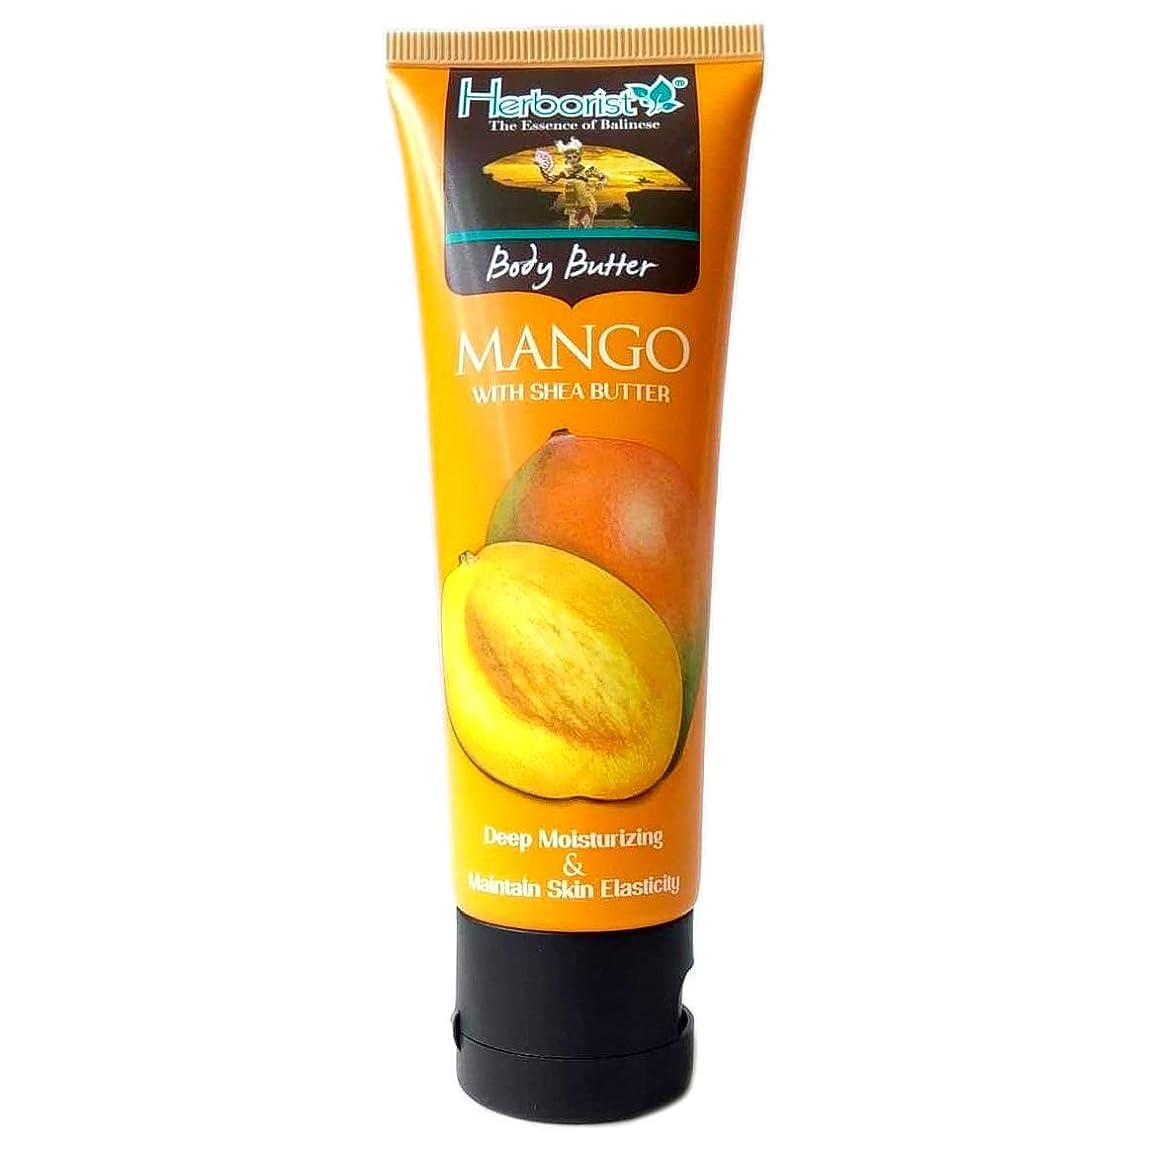 以内にかけるシェトランド諸島Herborist ハーボリスト Body Butter ボディバター バリスイーツの香り シアバター配合 80g Mango マンゴー [海外直送品]